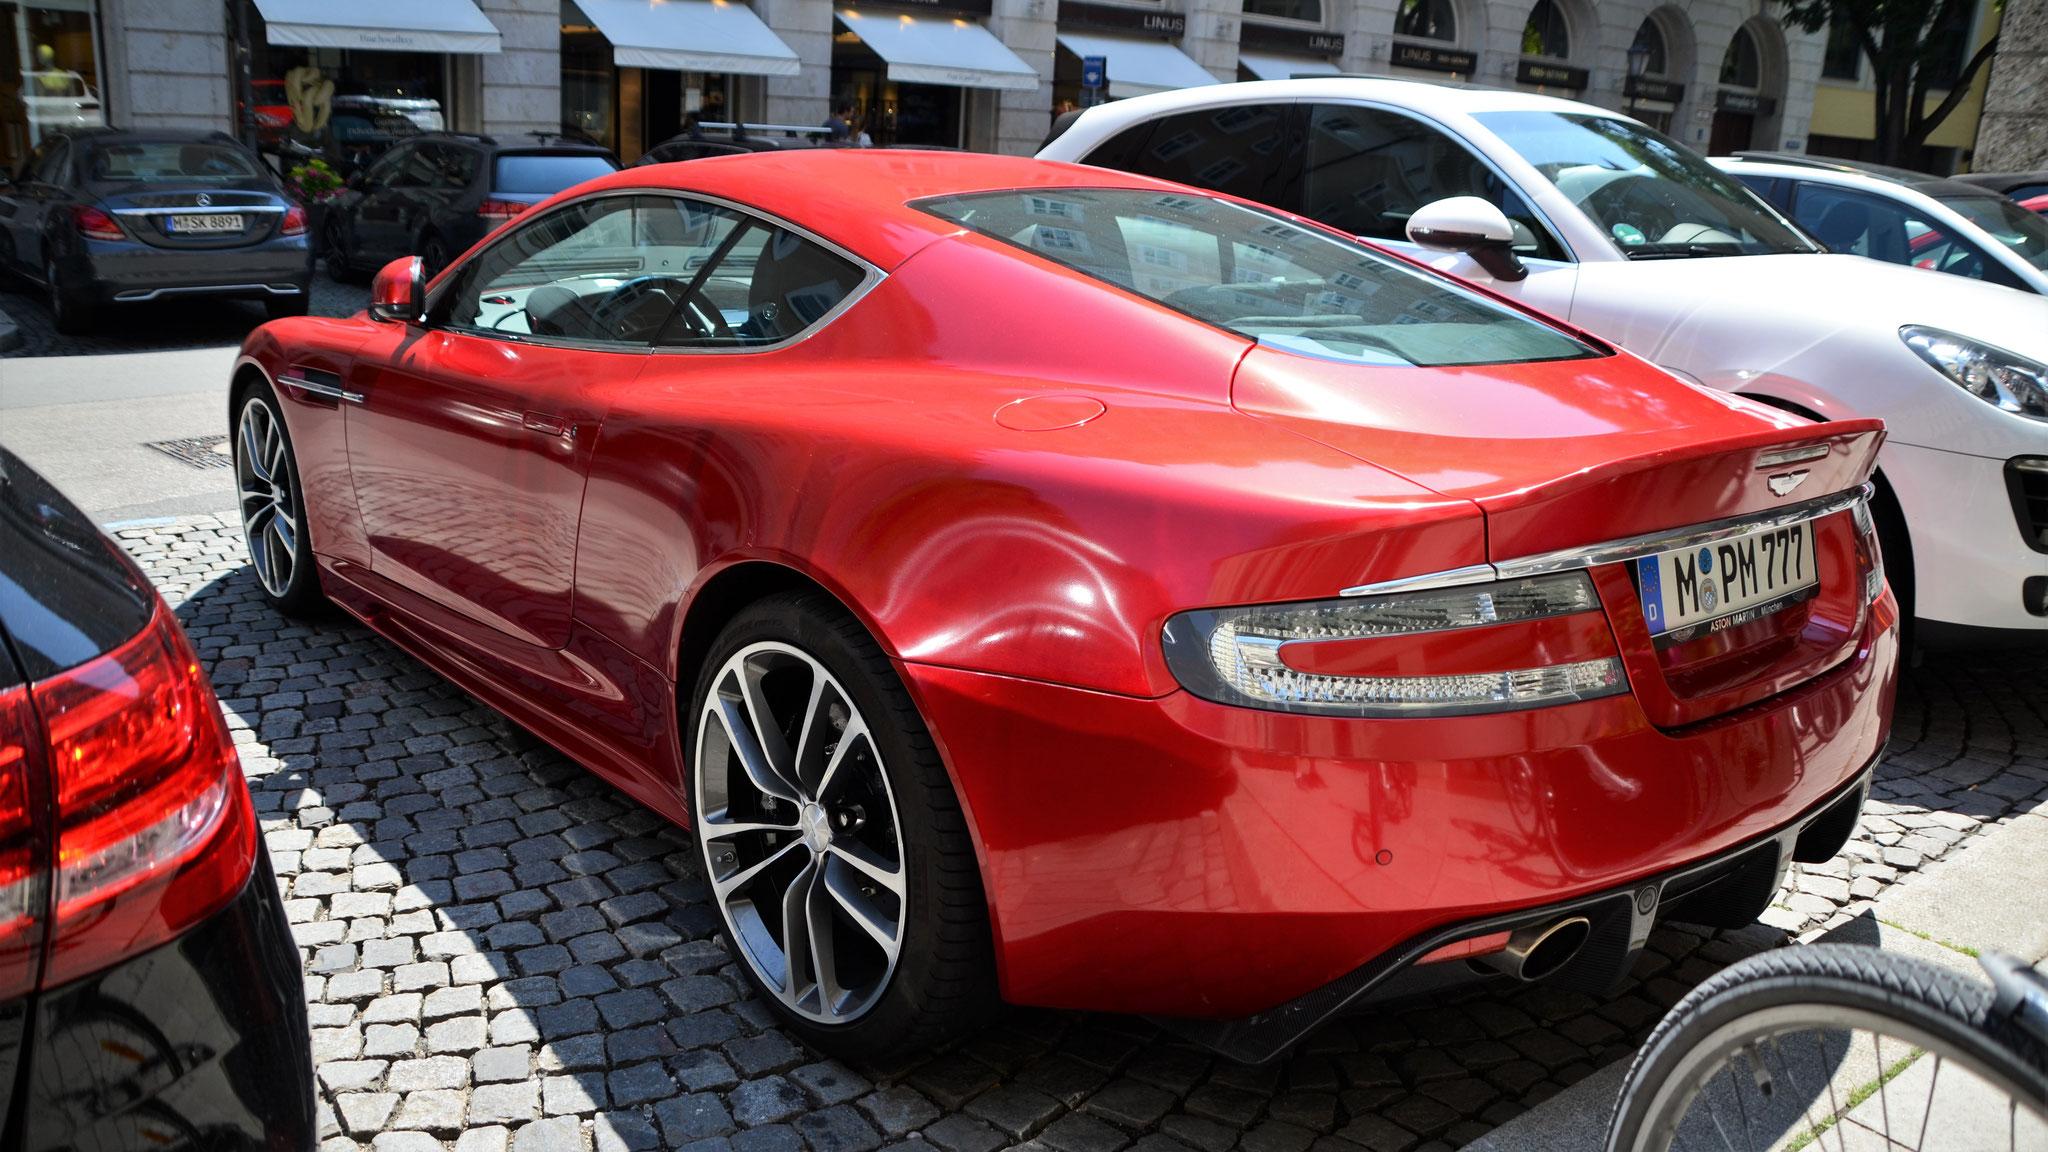 Aston Martin DBS - M-PM-777